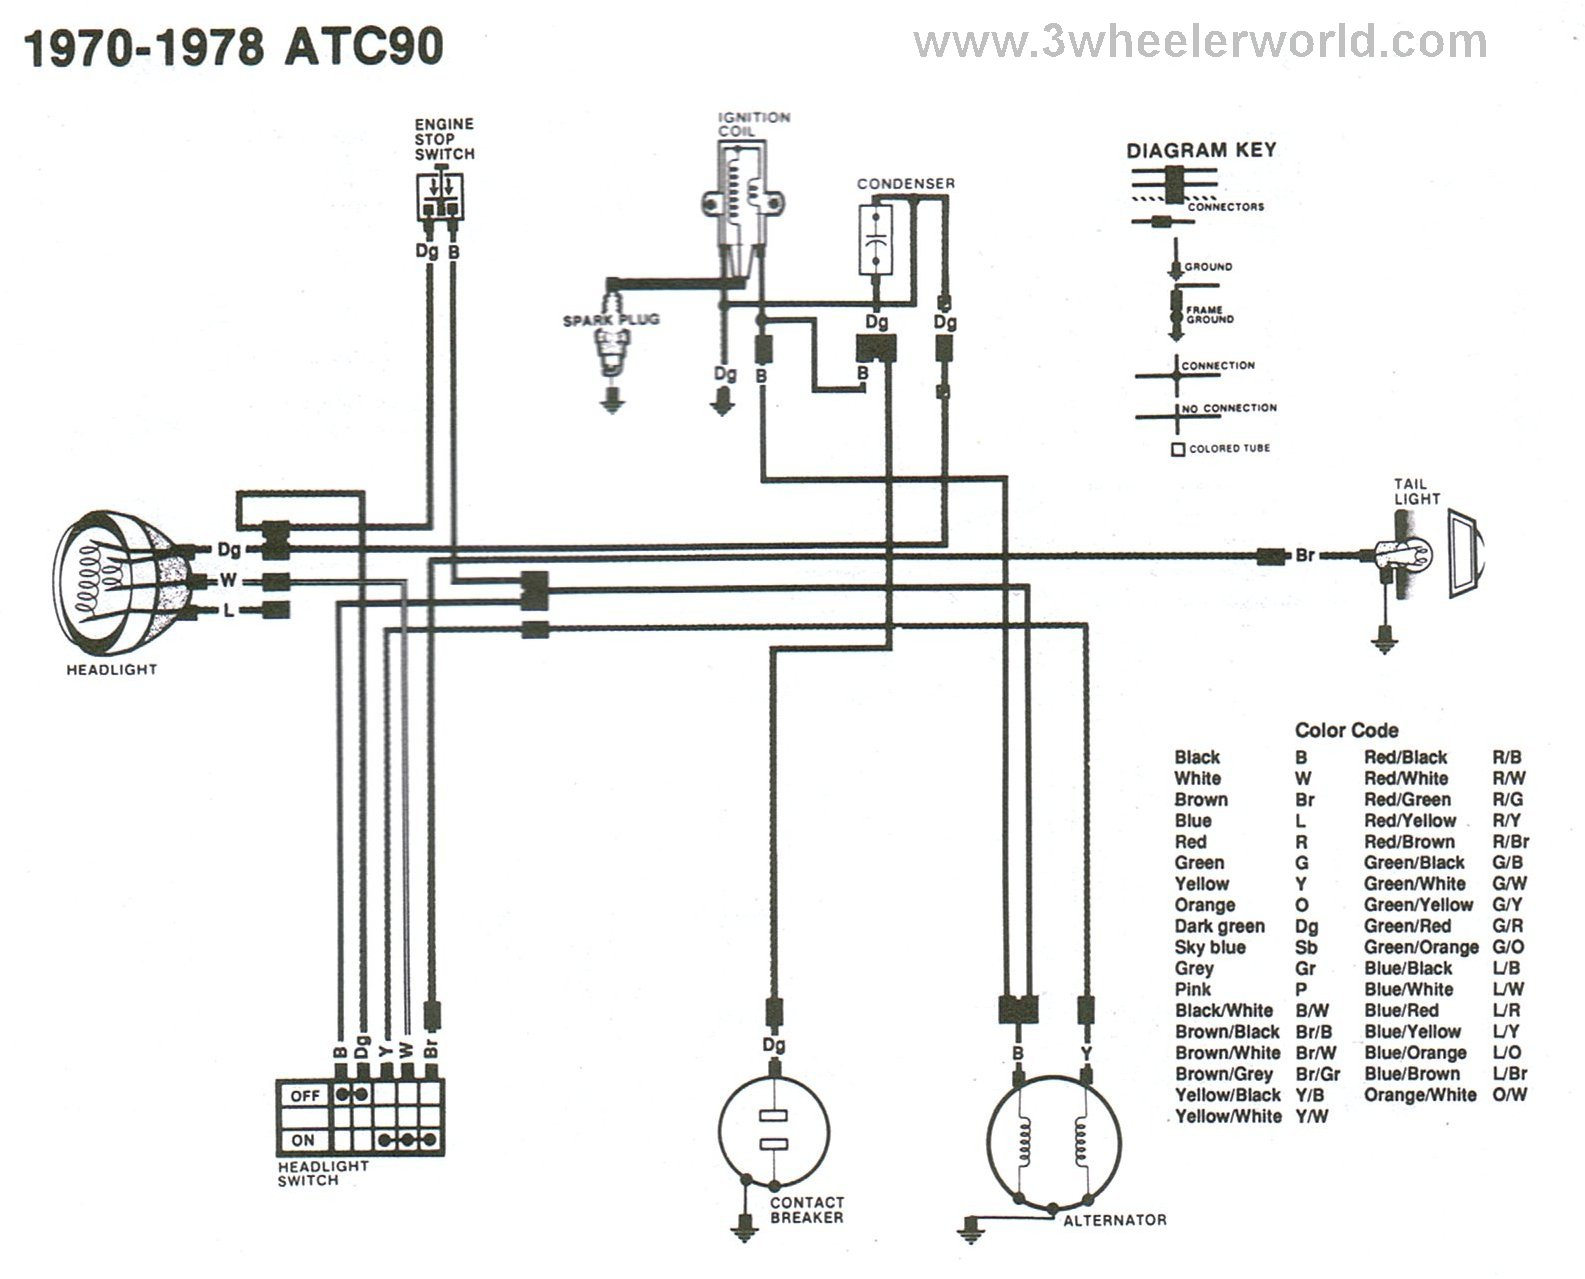 ATC90x70Thru78?resize\\\\\\\\\\\=665%2C537\\\\\\\\\\\&ssl\\\\\\\\\\\=1 polaris sportsman 90 wiring diagram & 2003 polaris predator 500 2001 polaris scrambler 90 wiring diagram at bayanpartner.co